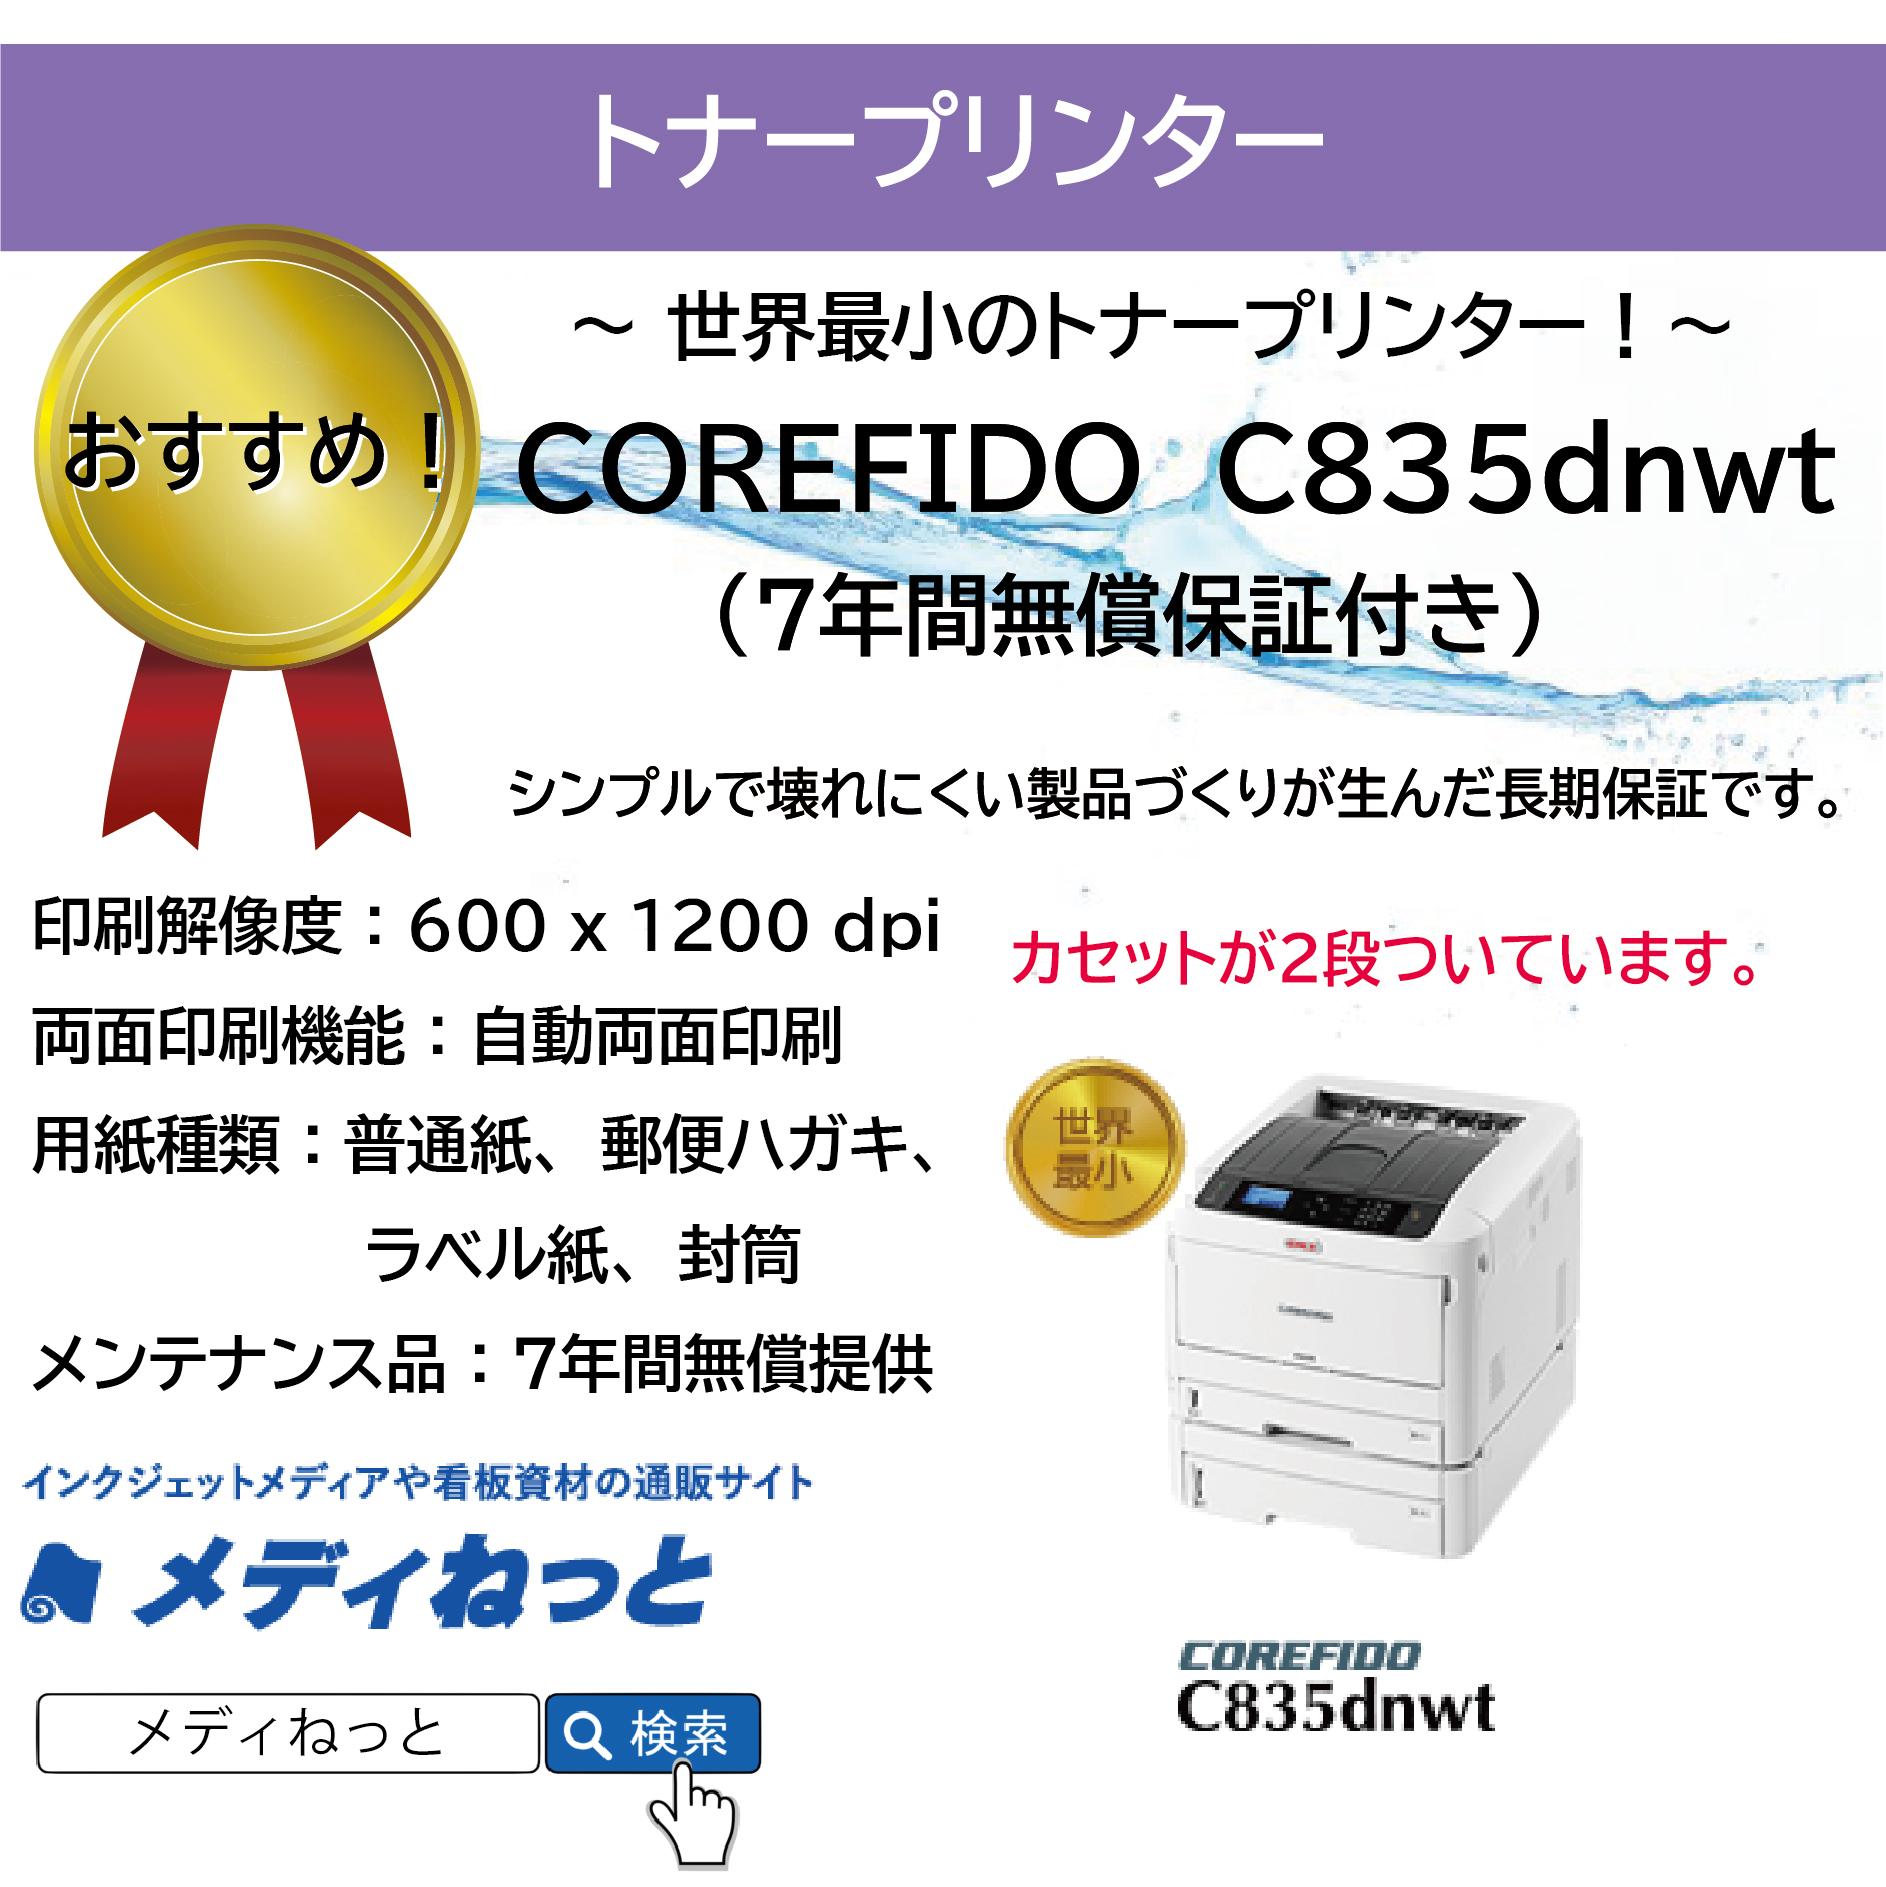 【トナープリンター】OKI(沖データ) COREFIDO C835dnwt 7年間無償保証付き